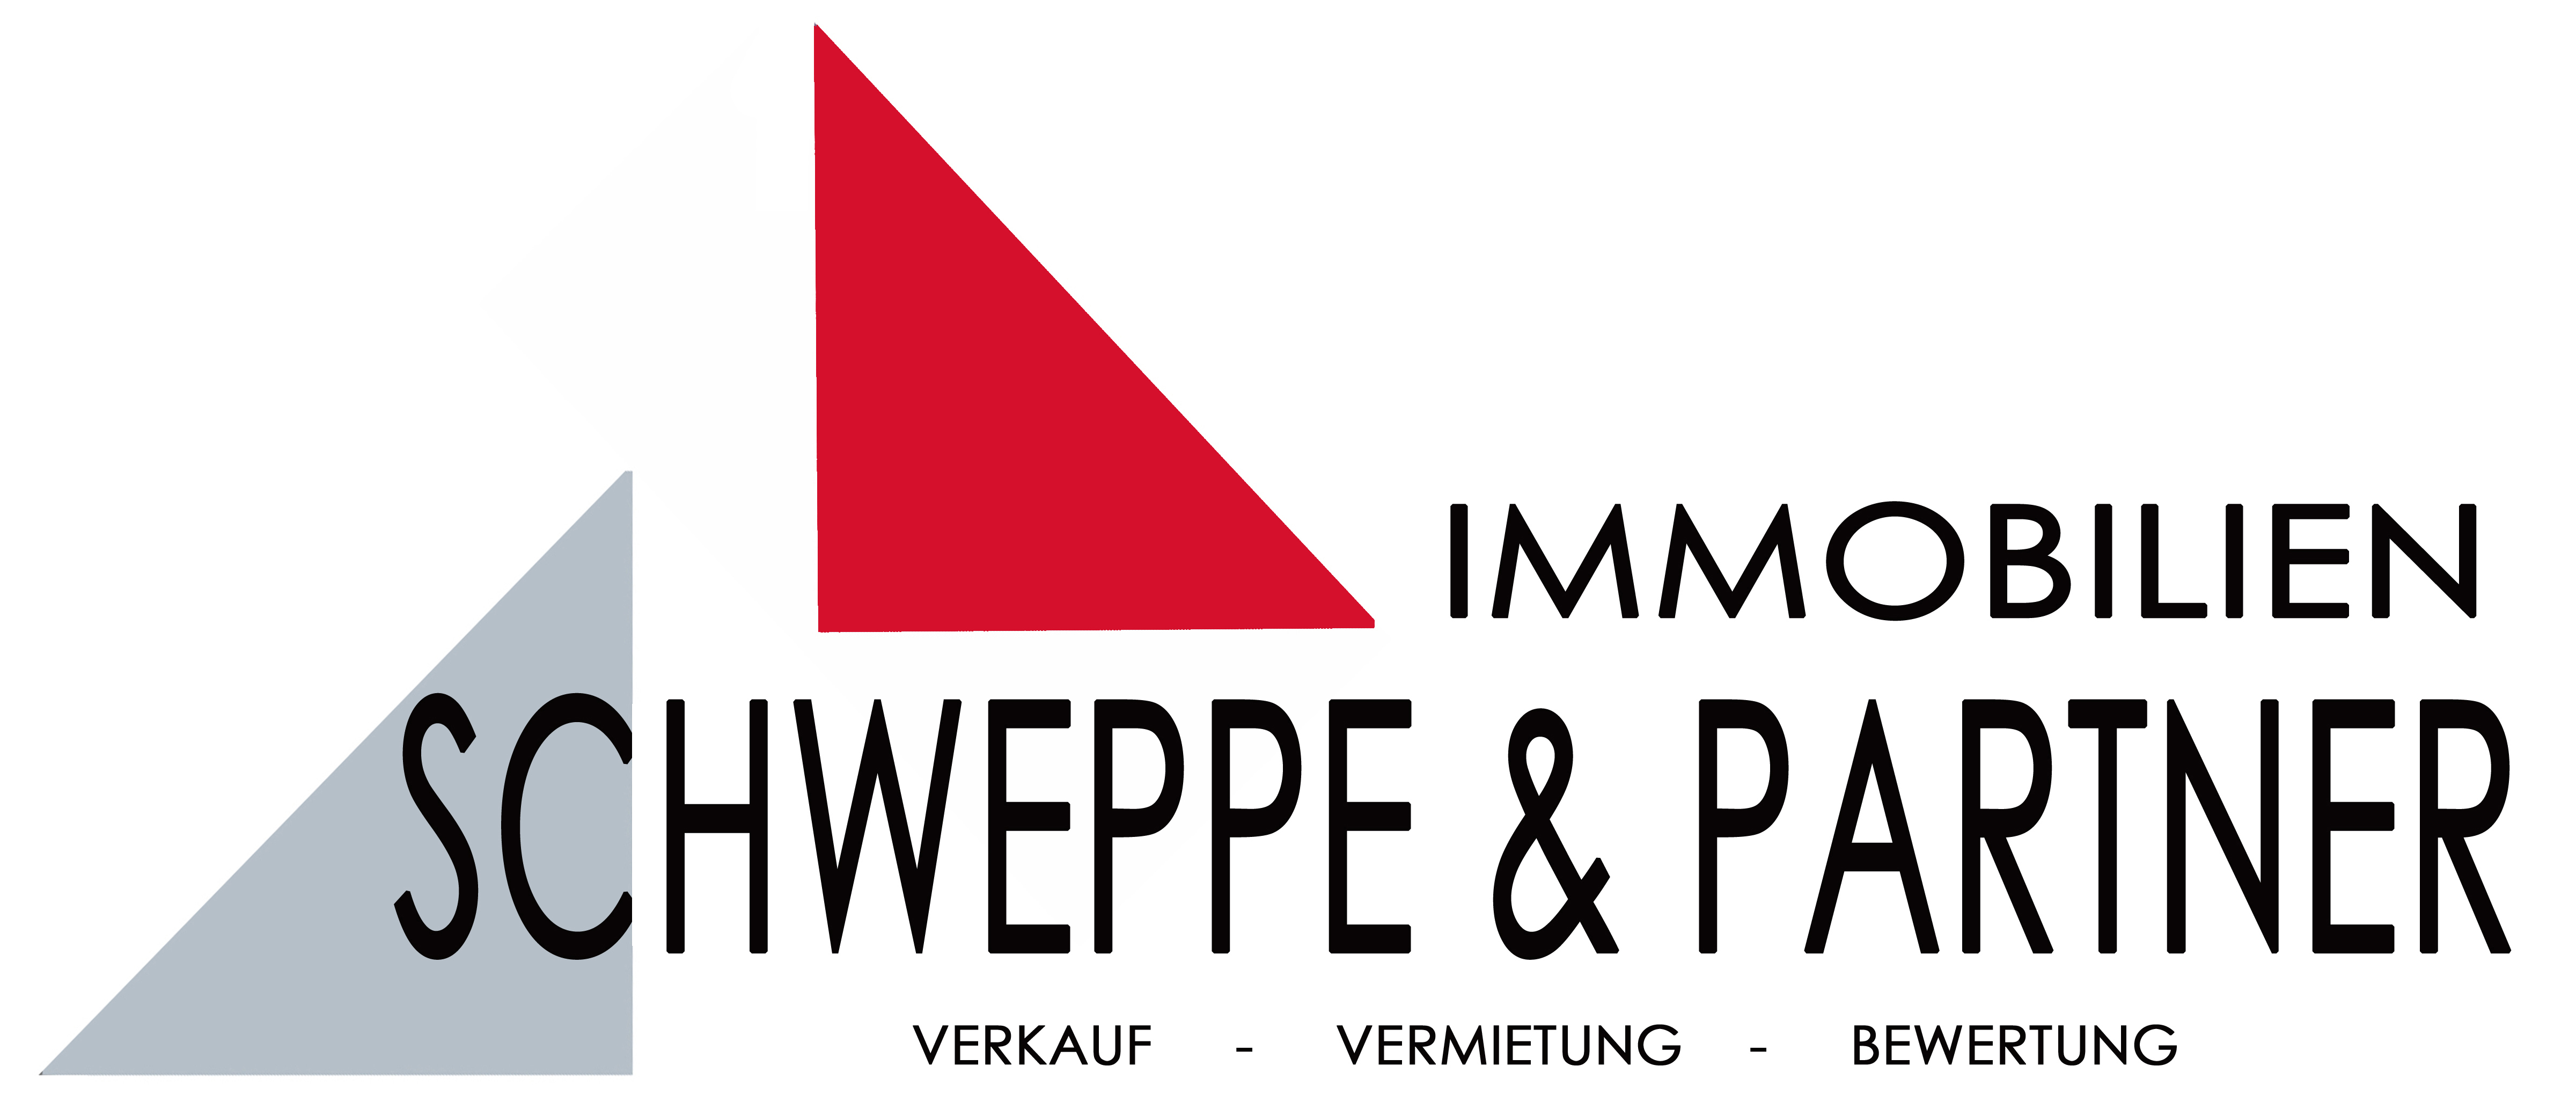 Hier sehen Sie das Logo von Schweppe & Partner Immobilien